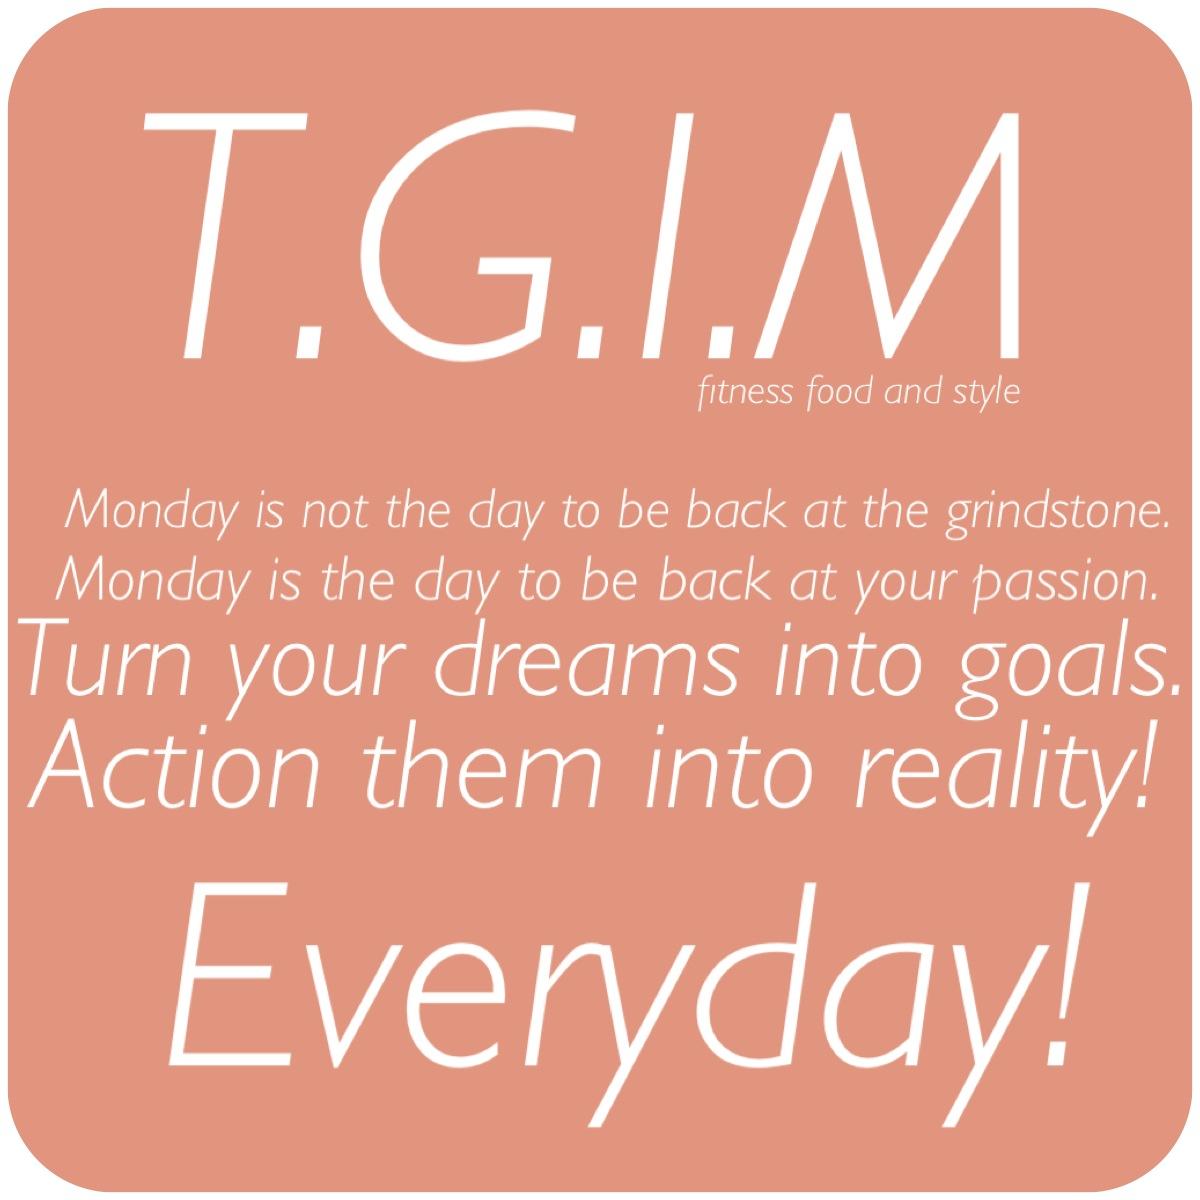 Monday Workout Motivation Quotes: Monday Motivation